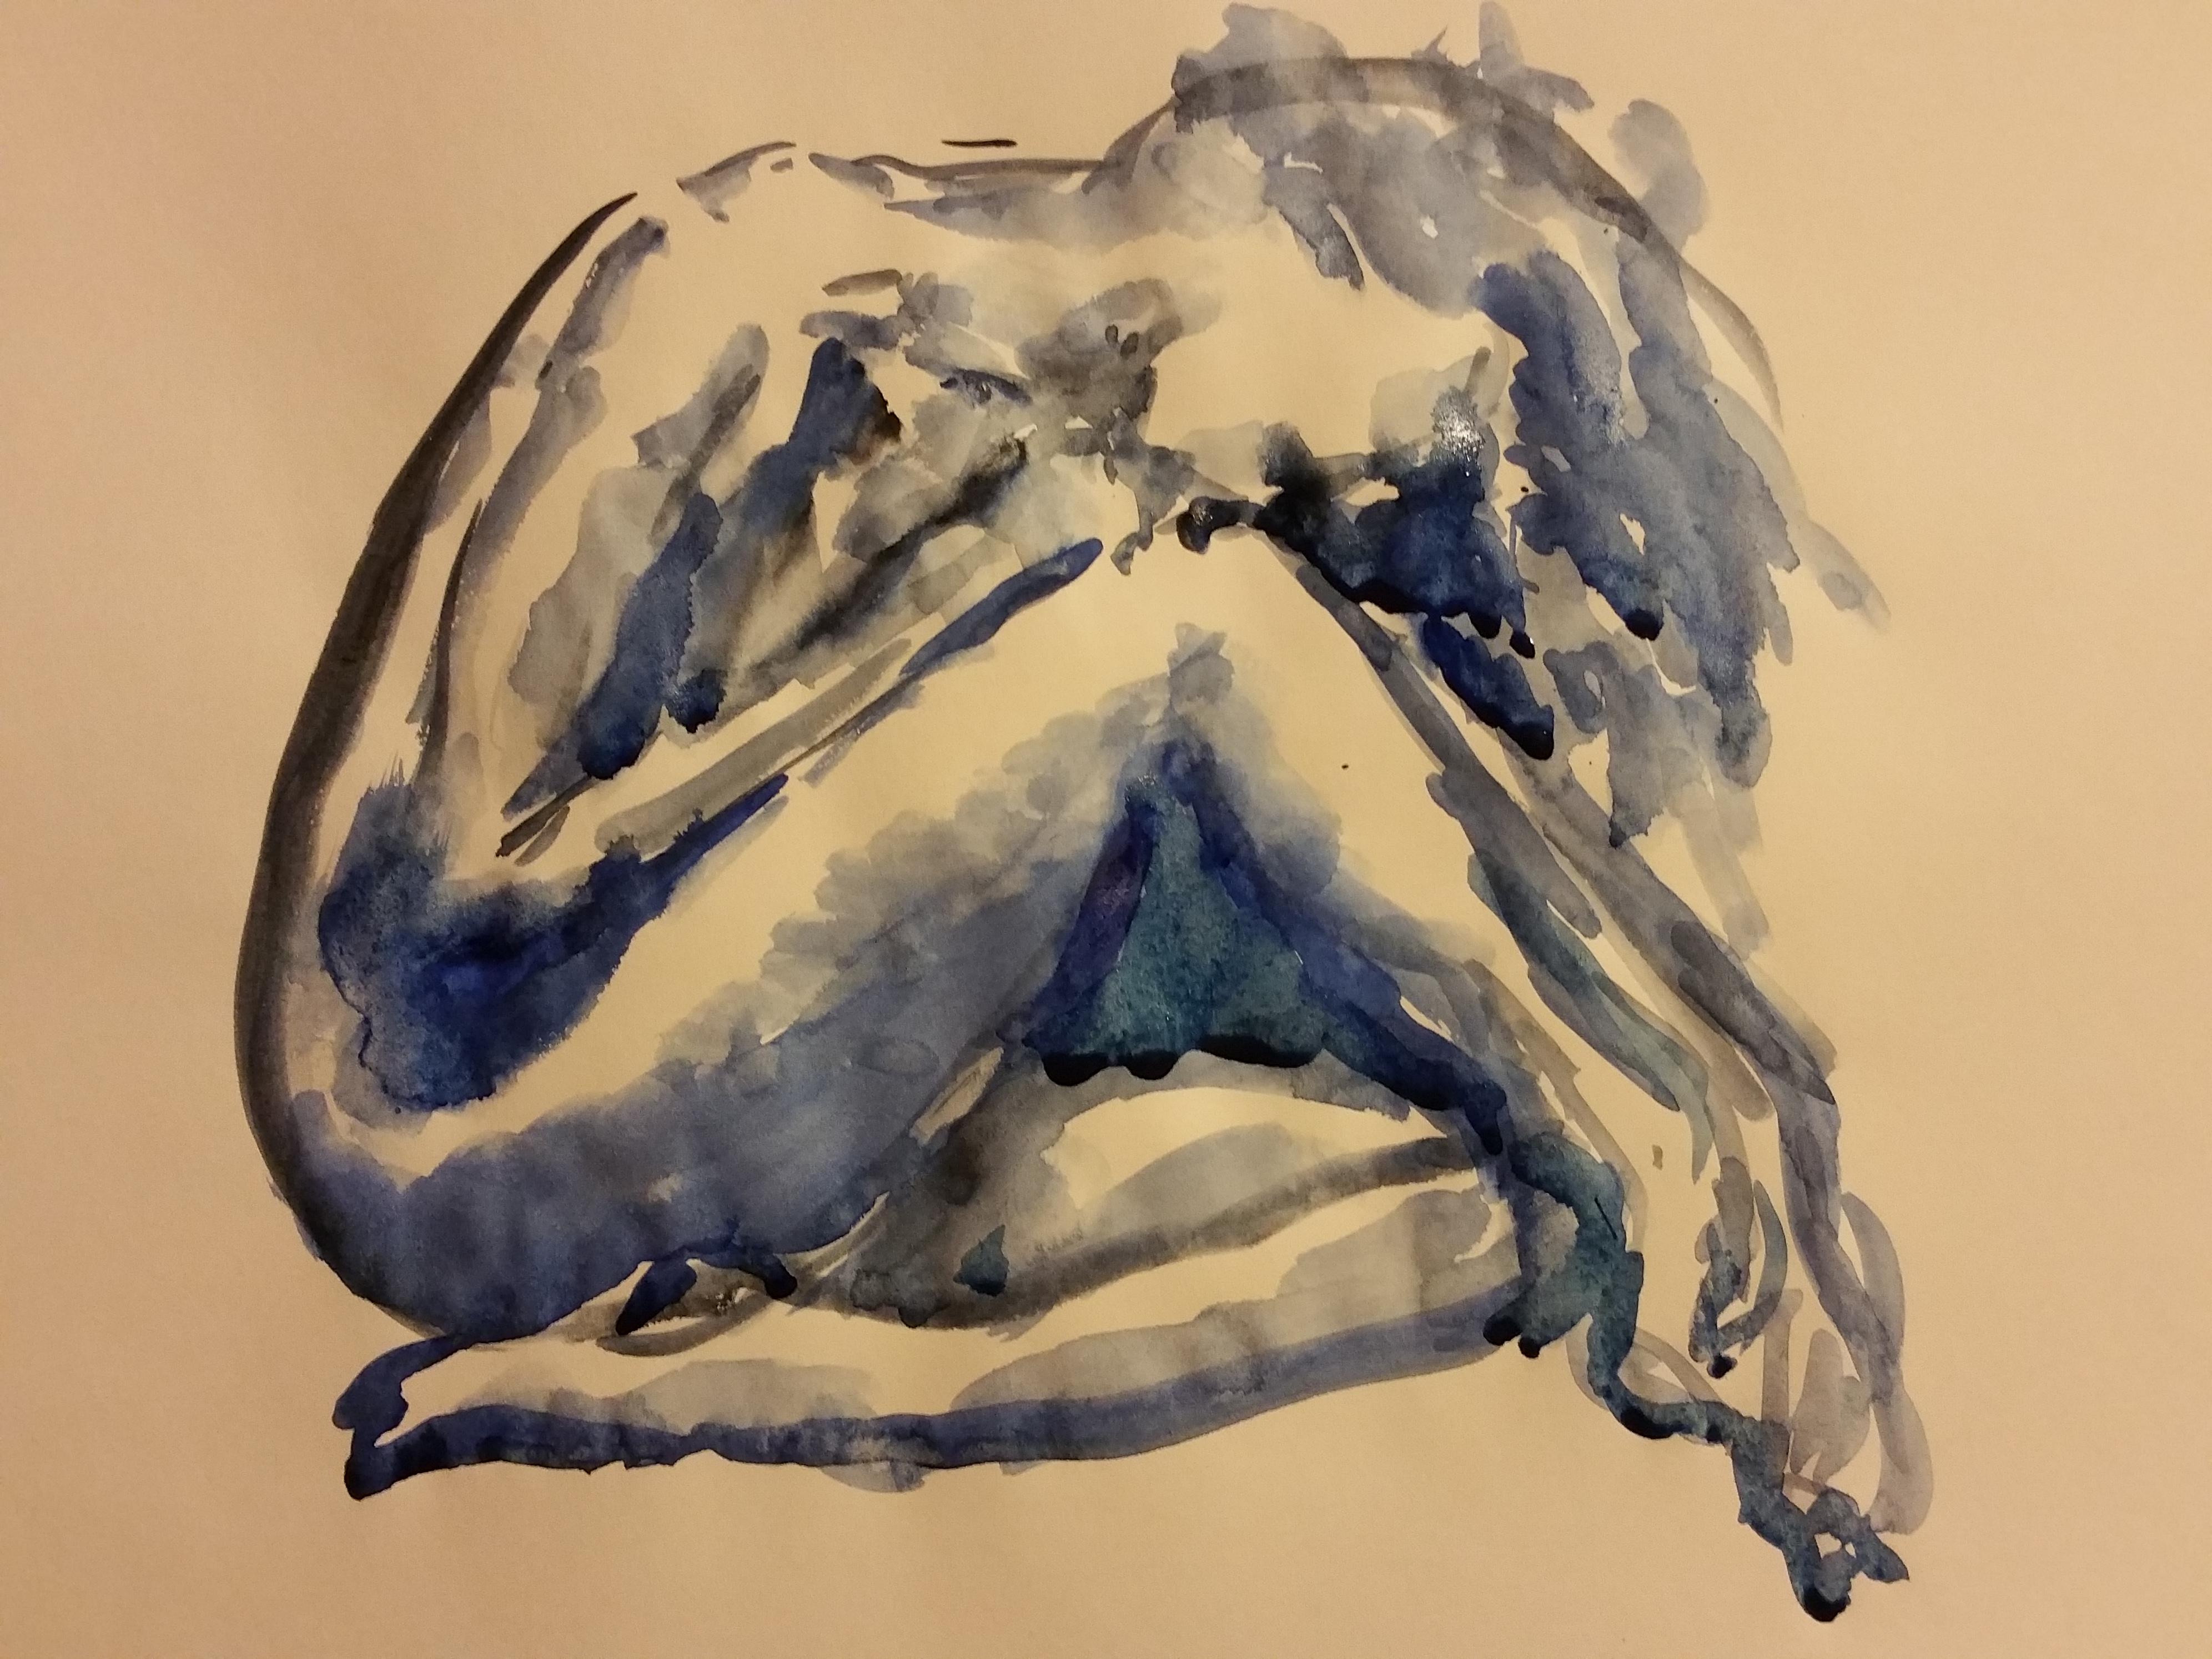 dessin aquarelle bleu femme assise   cours de dessin